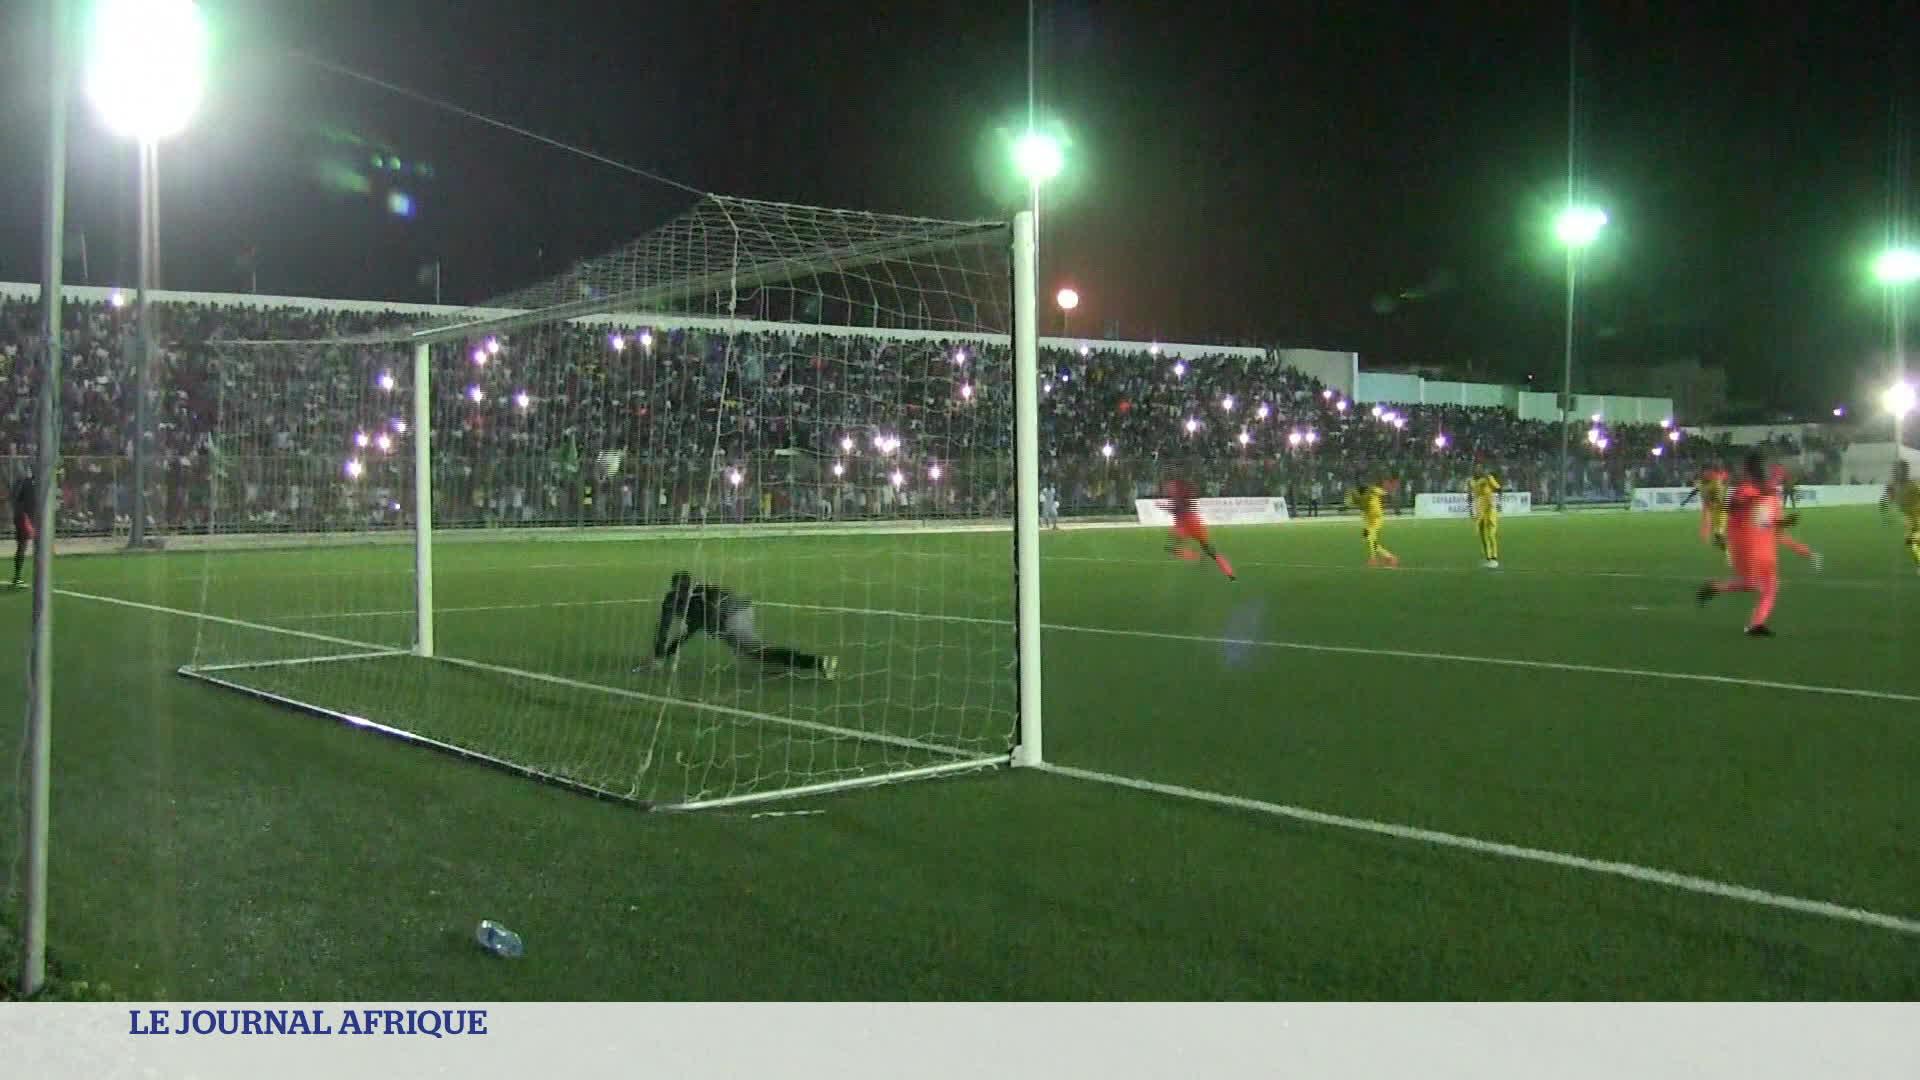 Somalie : un premier match de foot en nocturne depuis 30 ans